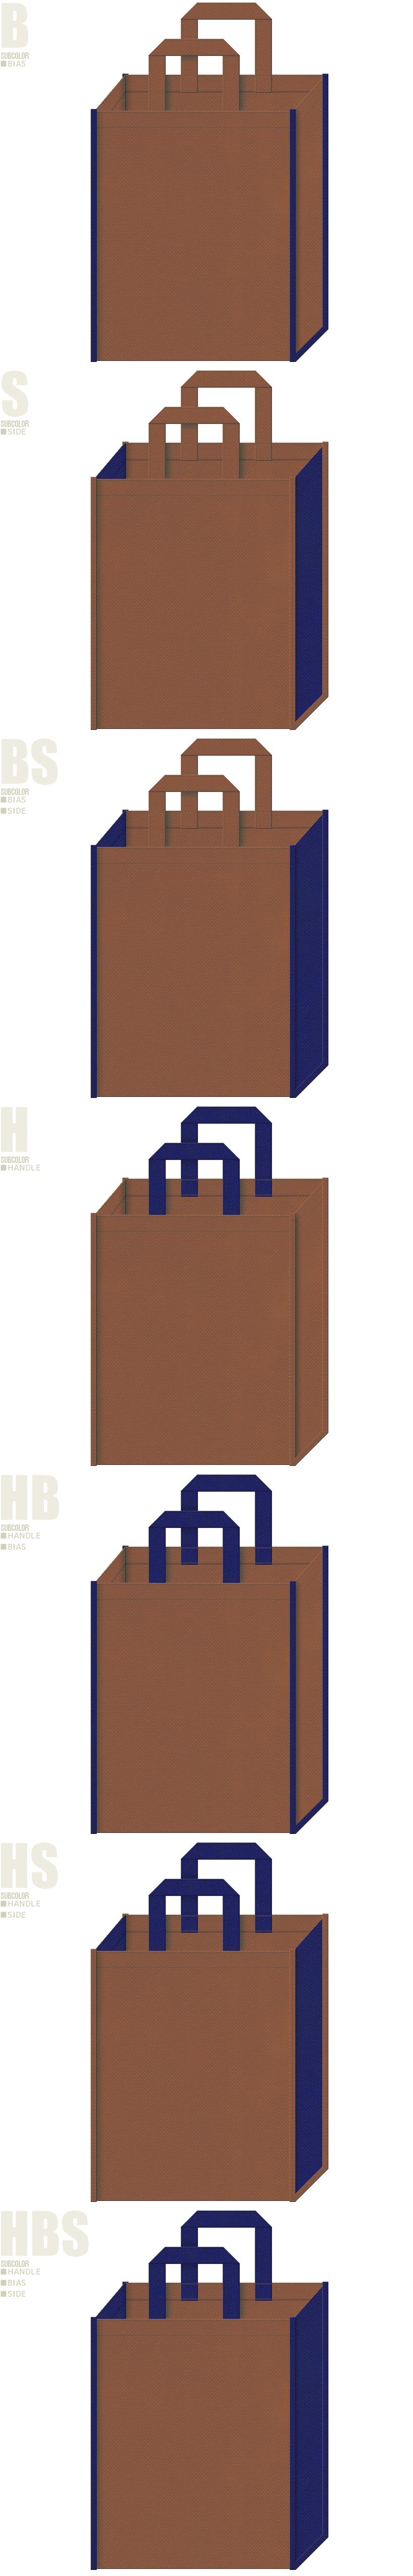 茶色と明るめの紺色、7パターンの不織布トートバッグ配色デザイン例。